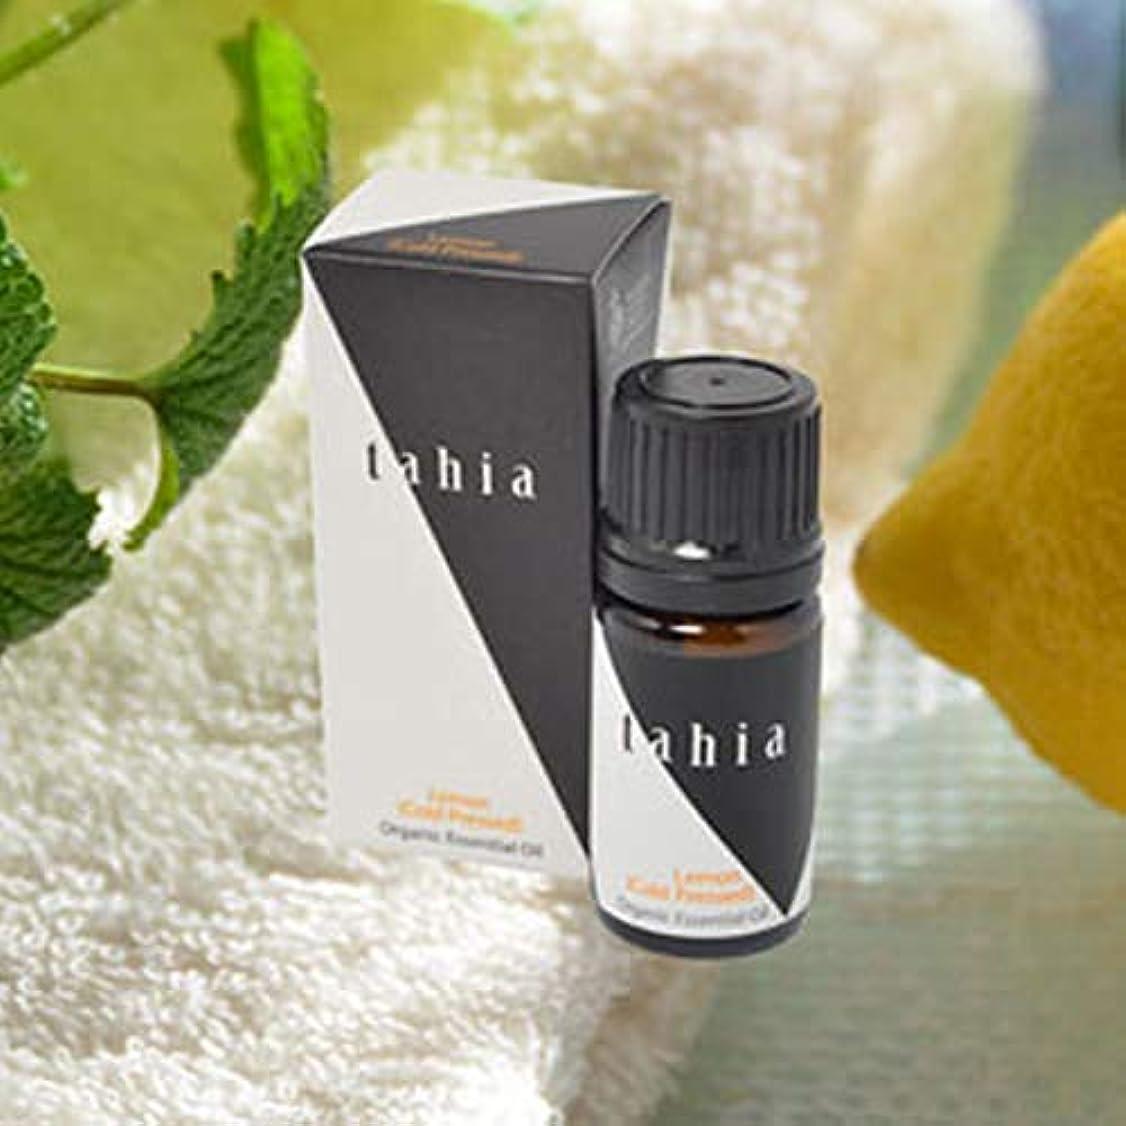 選択するジョイントダイヤモンドタツフト タヒア tahia レモン エッセンシャルオイル オーガニック 芳香 精油